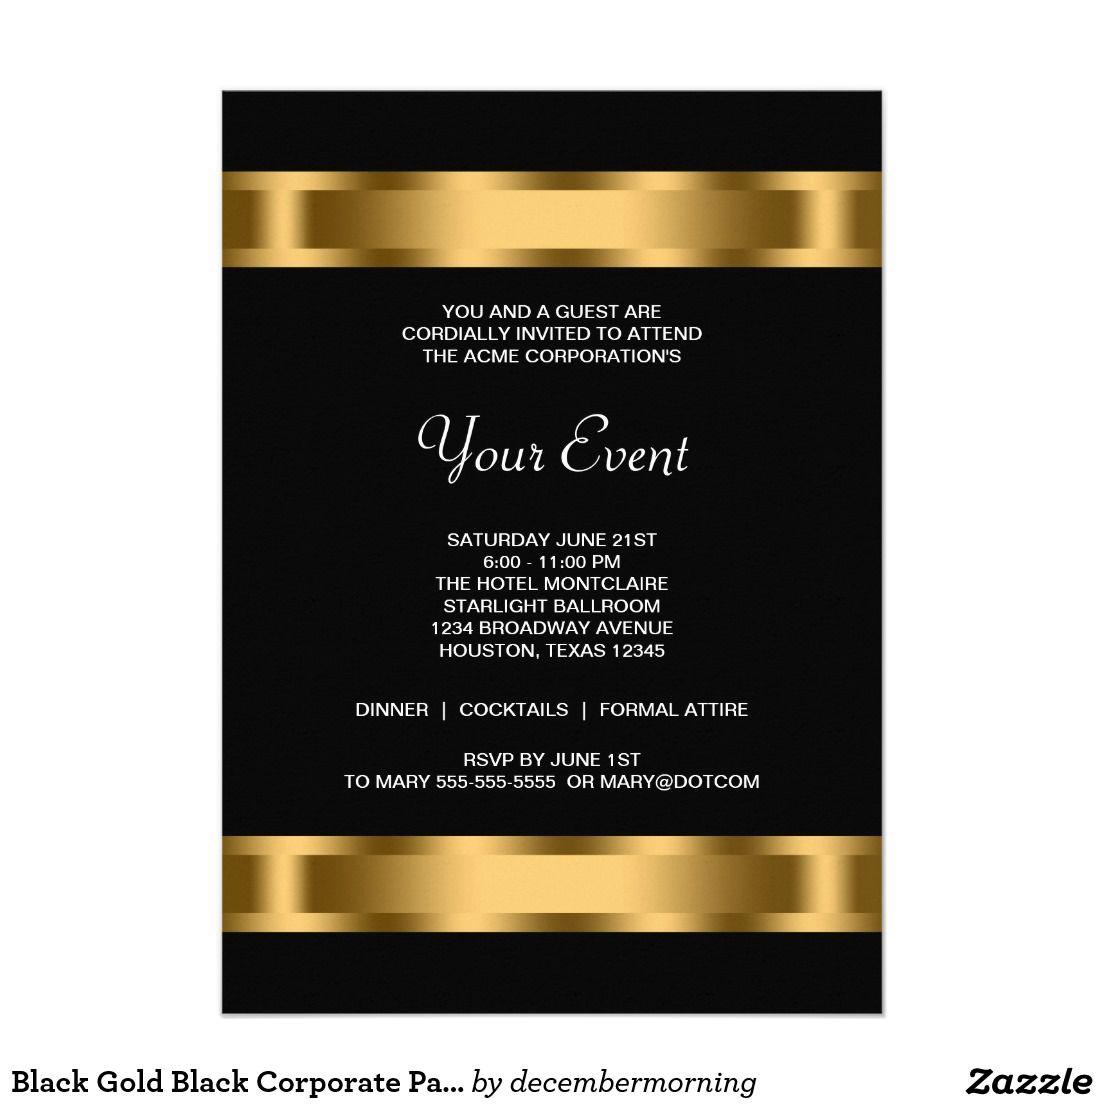 Black Gold Black Corporate Party Event Invitation Zazzle